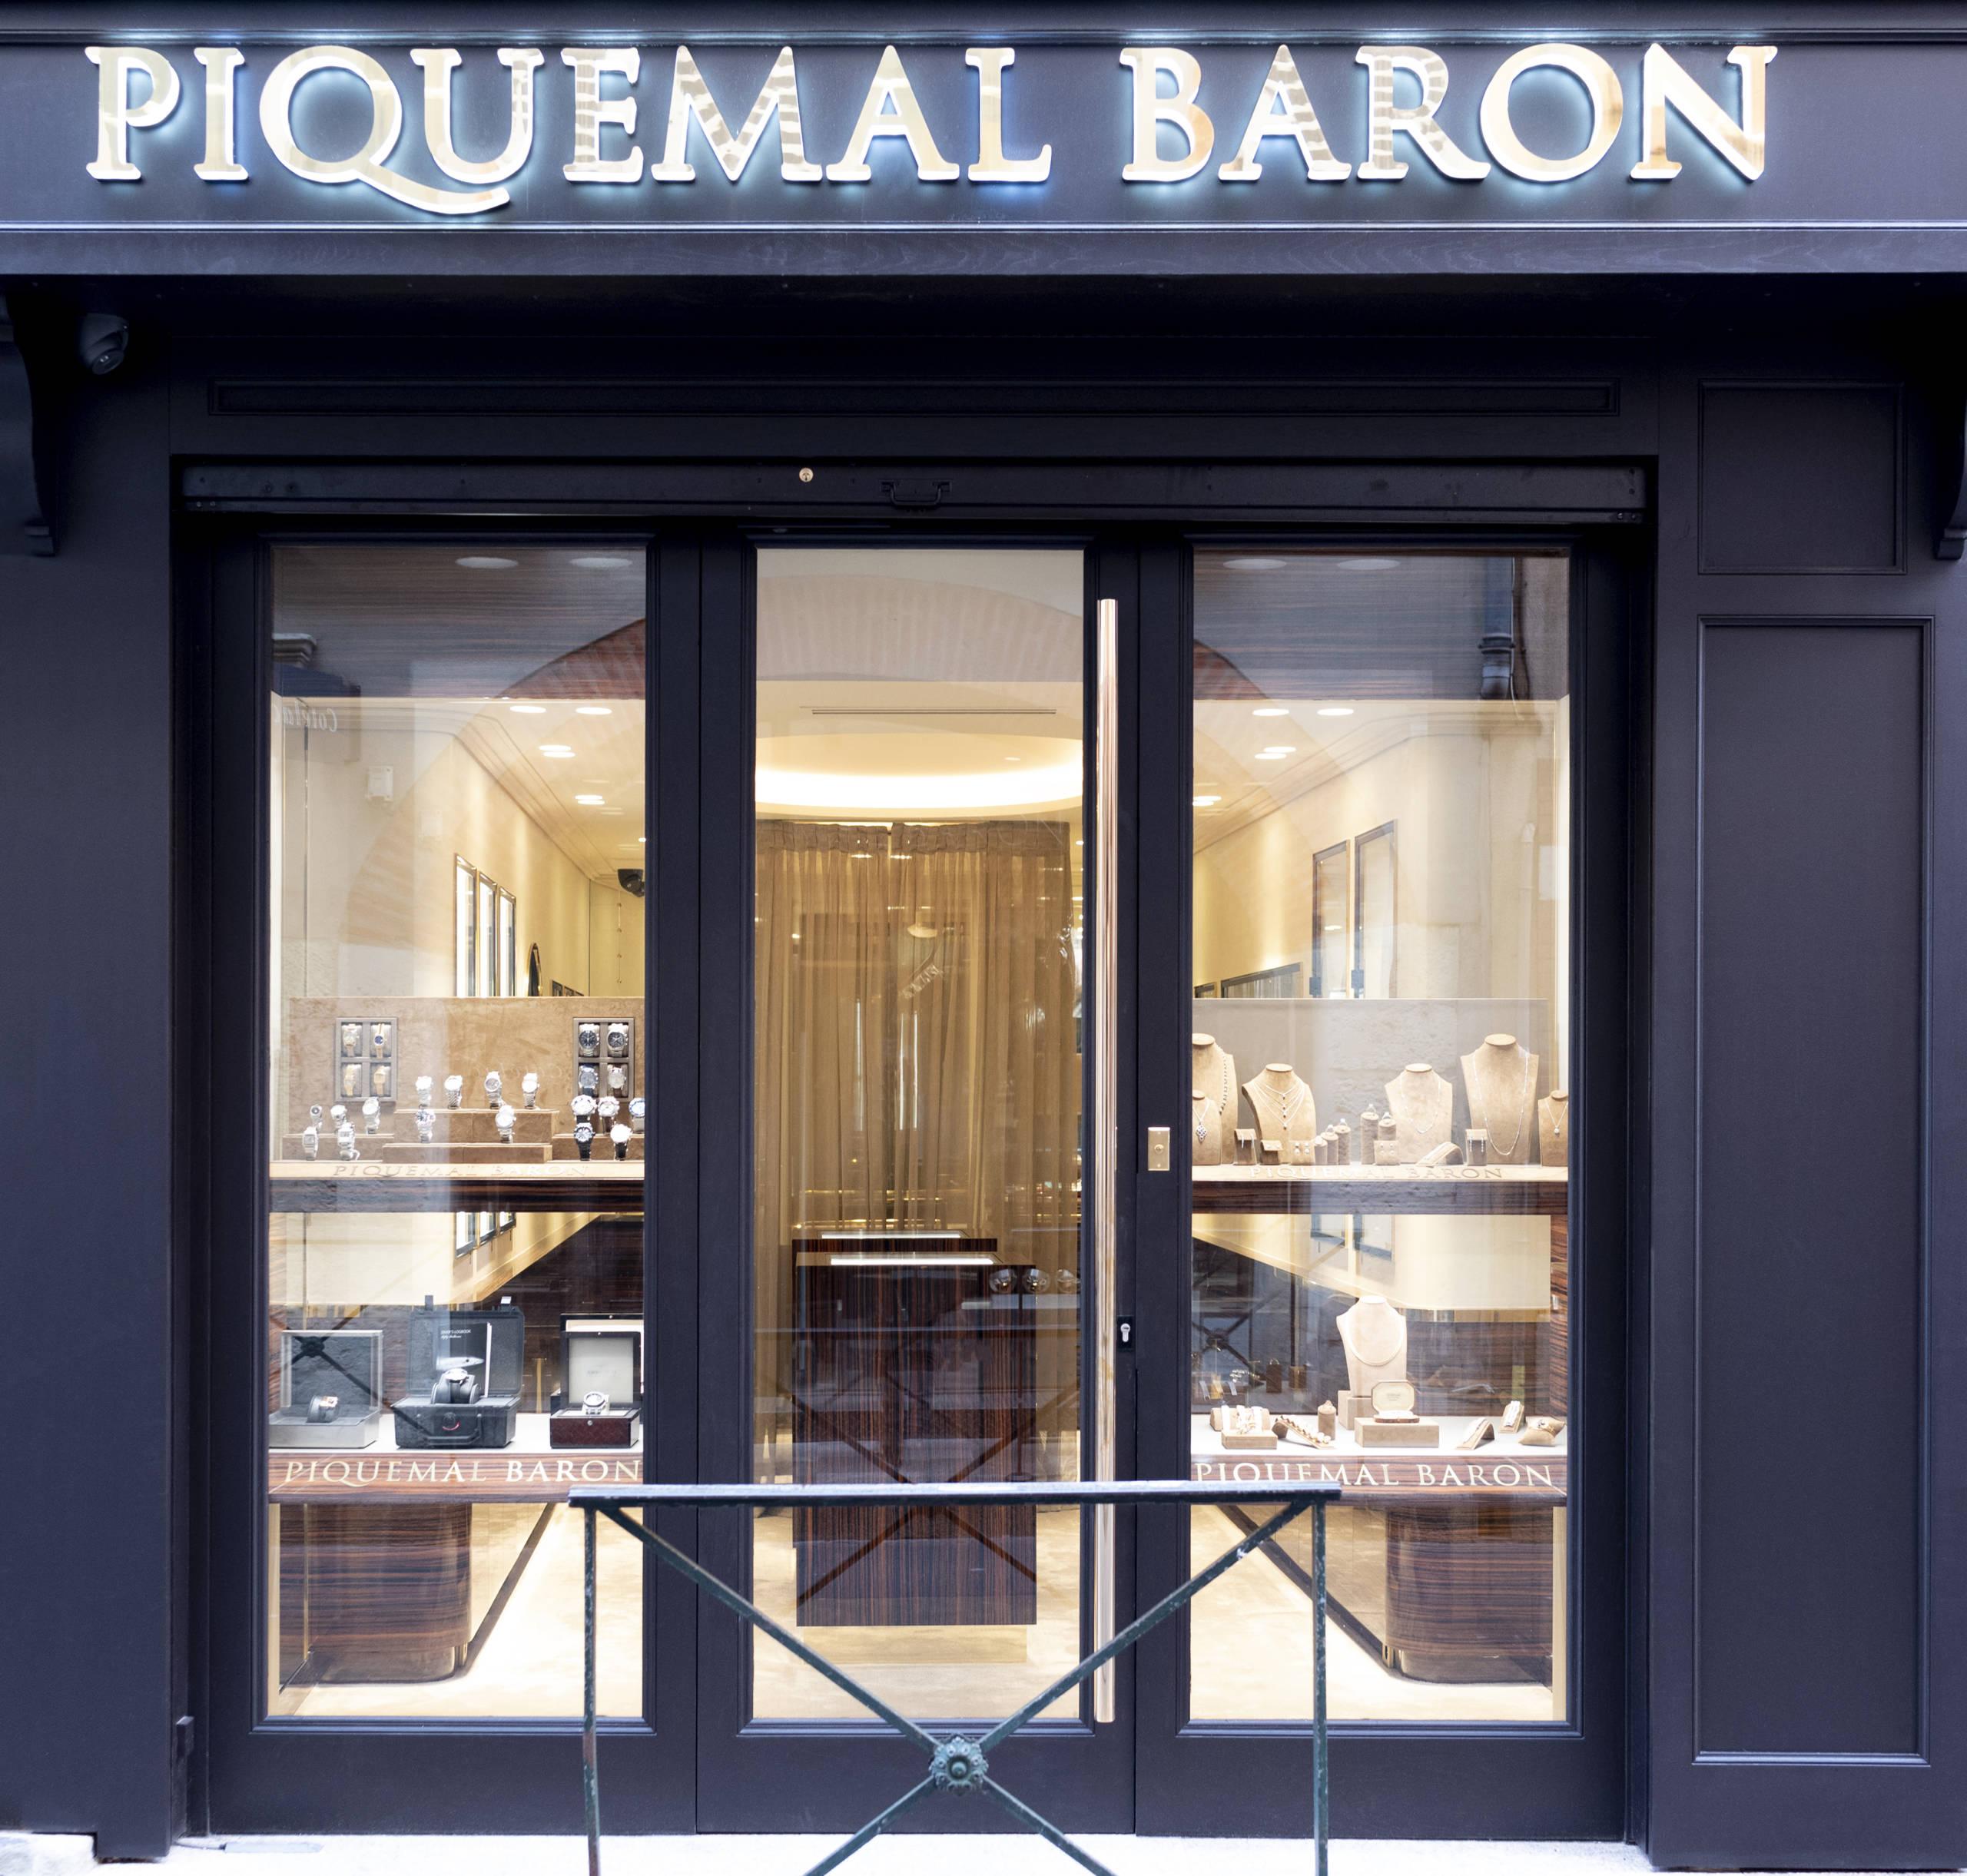 LE NOUVEAU VISAGE DE LA JOAILLERIE PIQUEMAL BARON